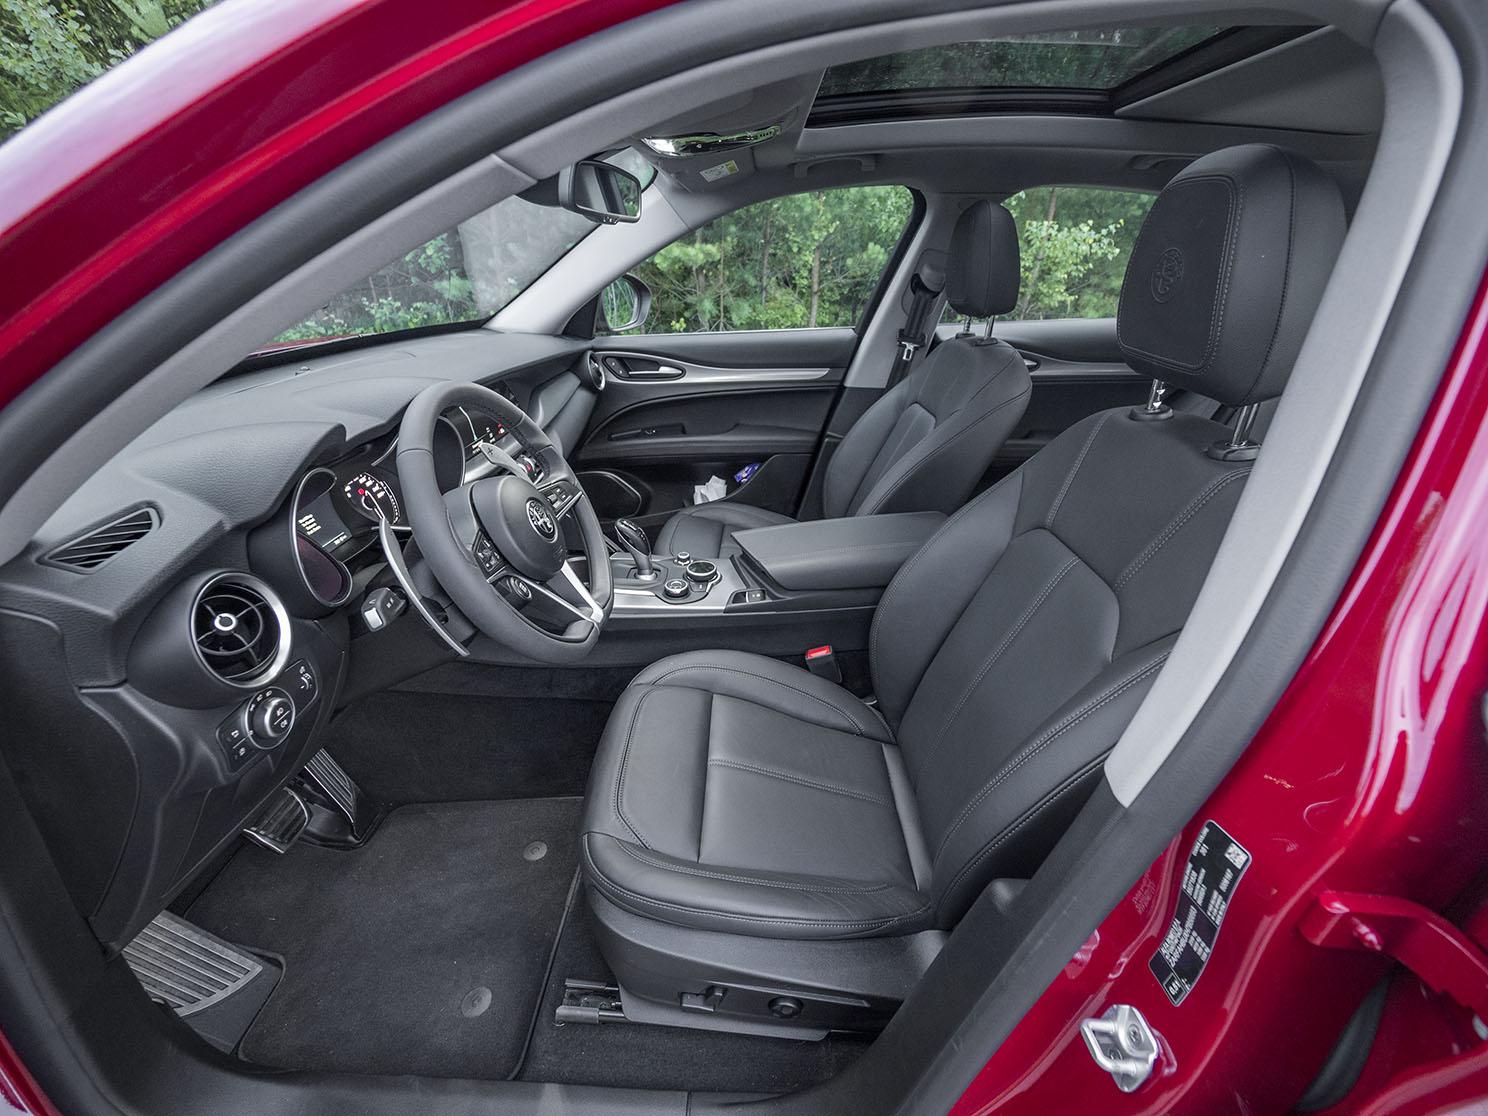 Bra stolar och bra förarmiljö, men här är både Volvo och de tyskas konkurrenterna en generation modernare.